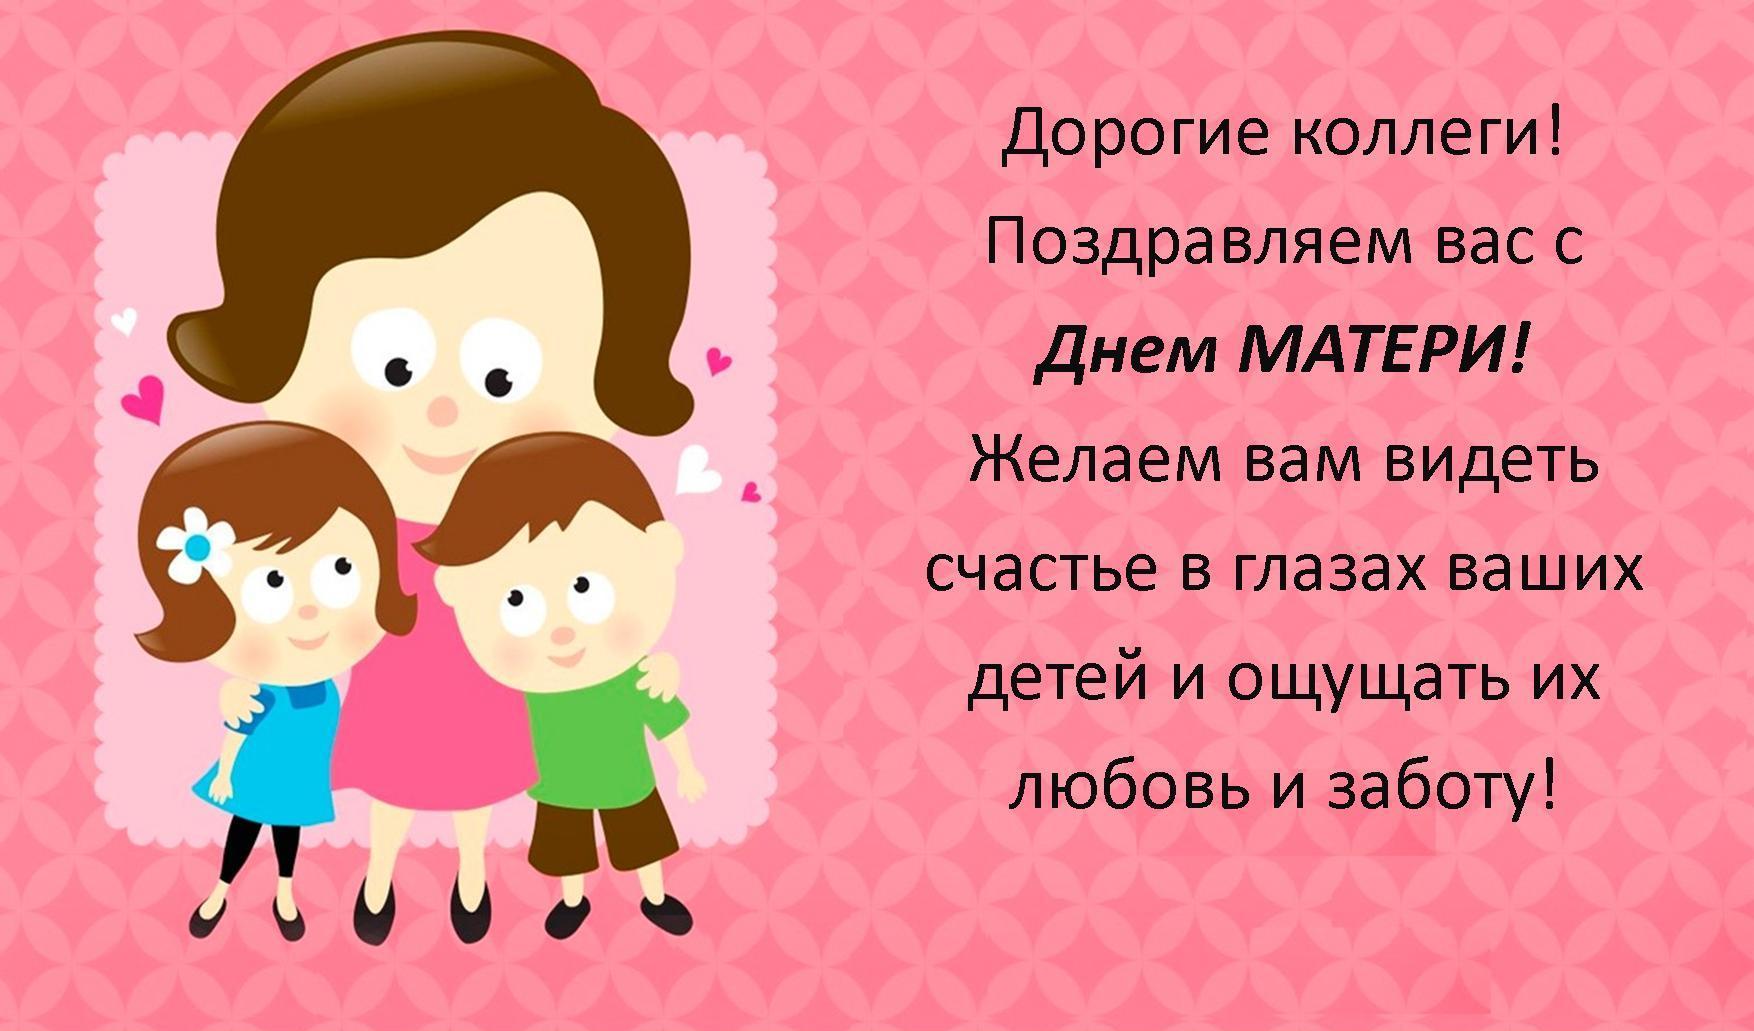 Открытки с день матери 2017 в россии, сделать